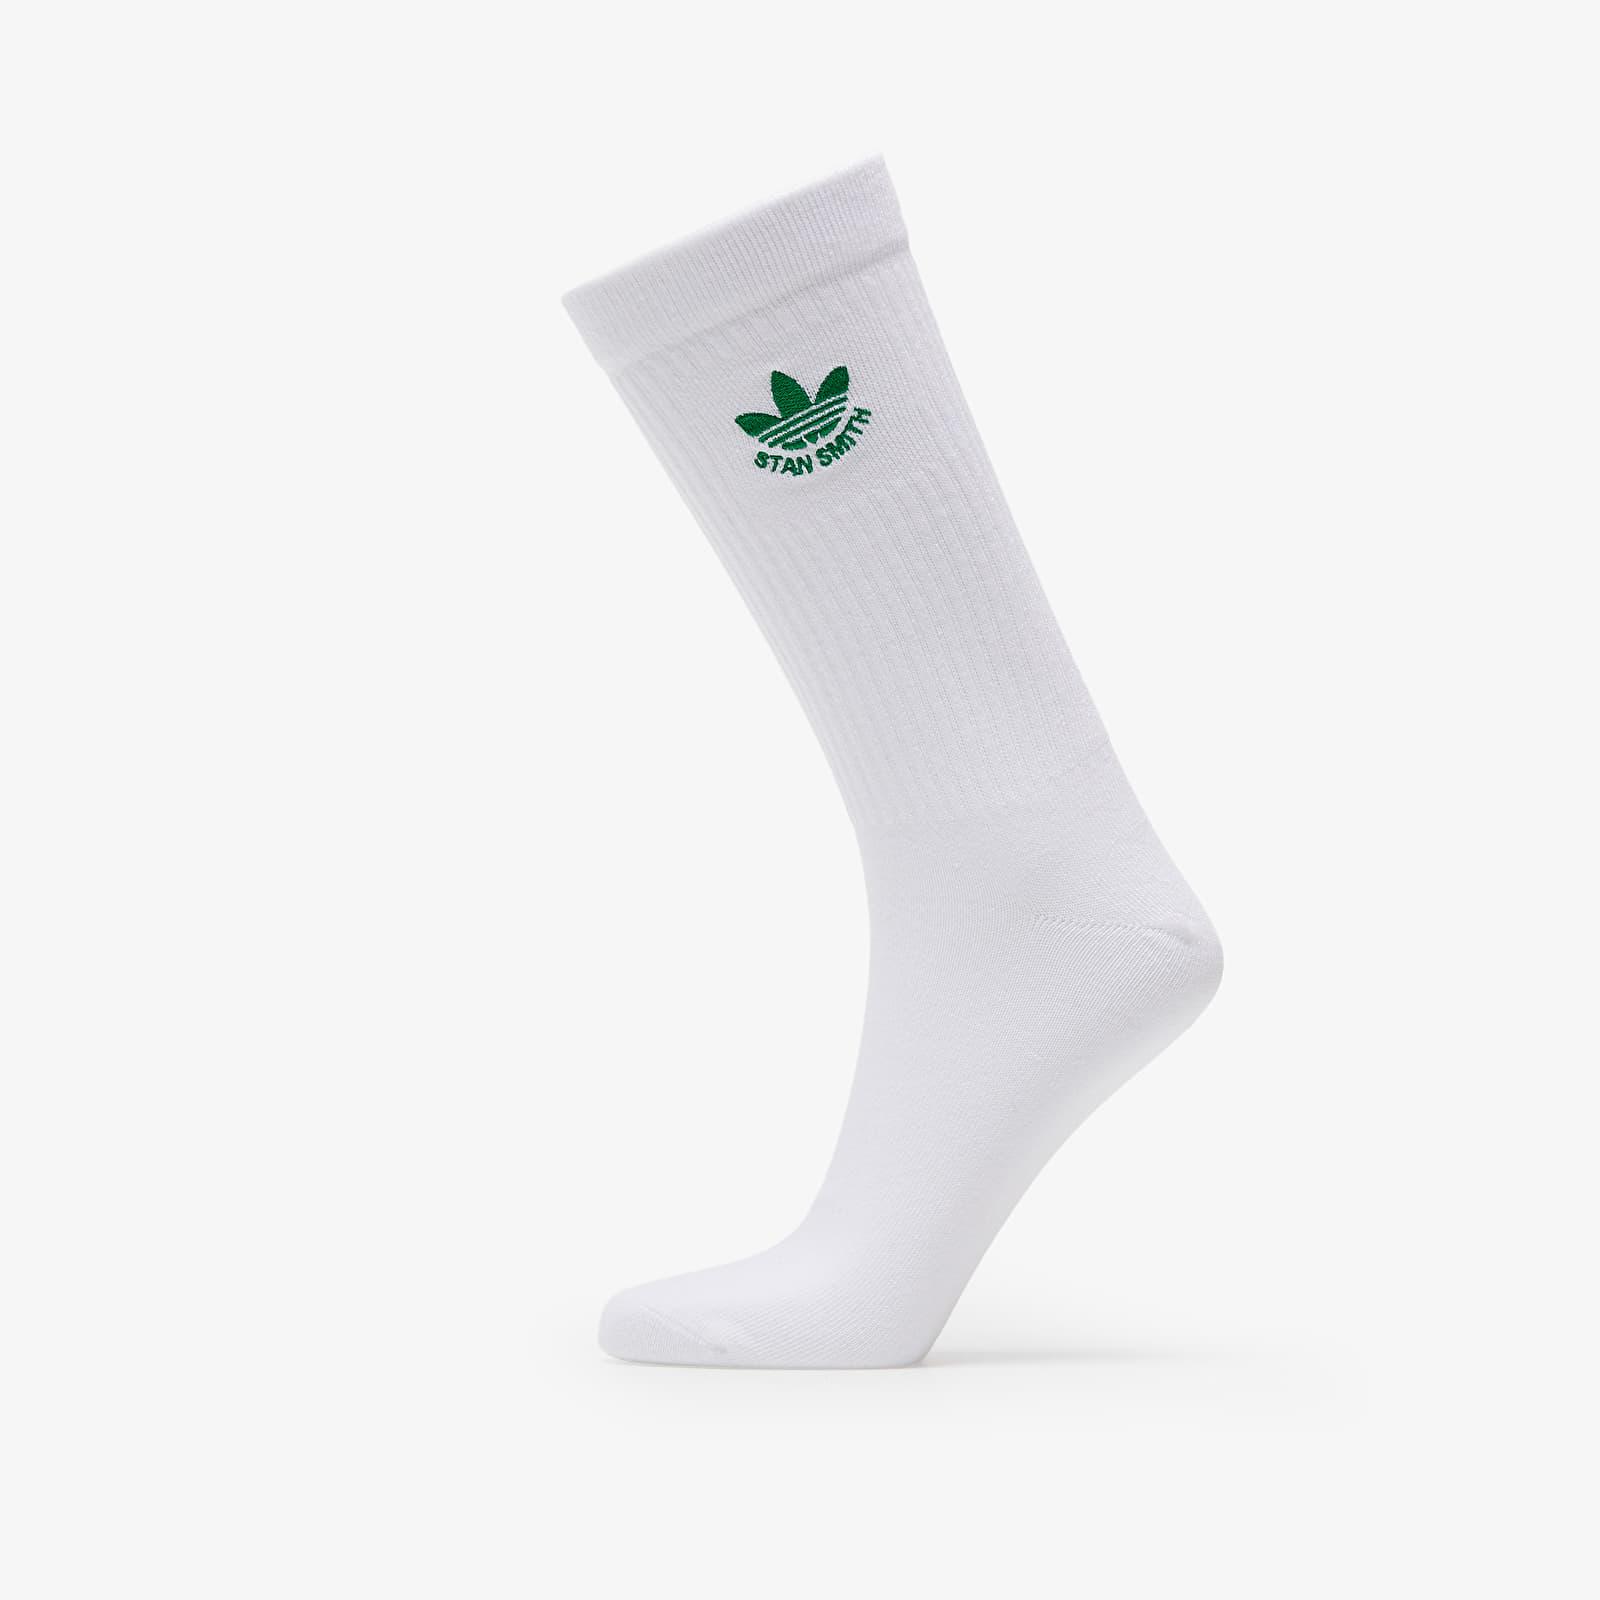 adidas Stan Smith Trefoil Socks (1 Pair) White EUR 46-48